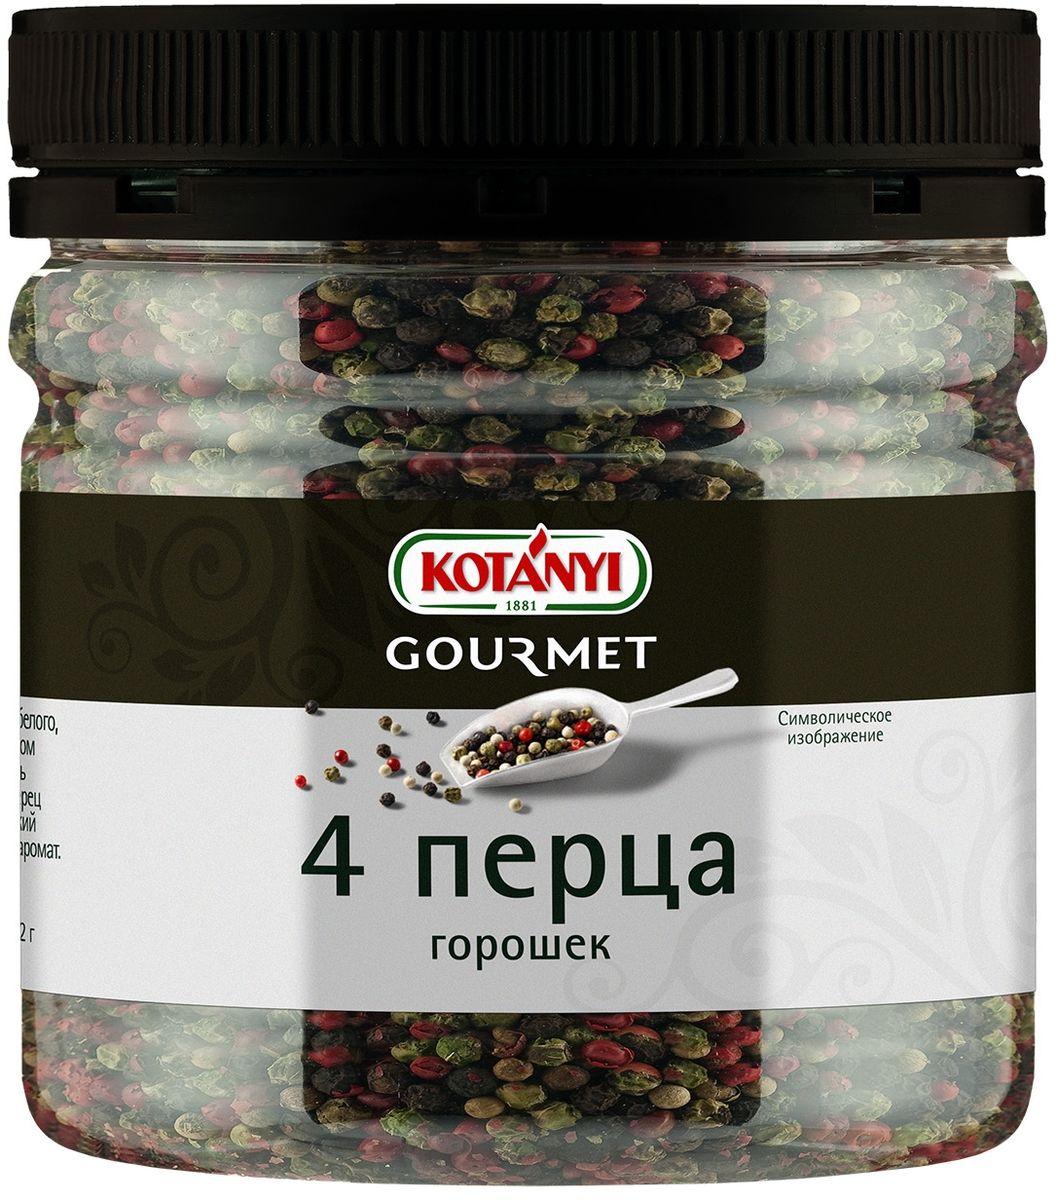 Kotanyi 4 перца, 170 г000000410254 перца KotanyI - это настоящее кулинарное сокровище! Яркая, острая, обладающая великолепным ароматом, эта смесь перцев идеально подходит как для заправки, так и для украшения разнообразных блюд.Это классическая смесь черного, белого, зеленого и так называемого розового перца, который на самом деле является плодами дерева Шинус. Черный перец – очень ароматная специя с острым вкусом, в то время как белый перец обладает более мягким вкусом. Зеленый перец придает тонкий пряный аромат. Розовый перец имеет мягкий вкус и легкий аромат.Внимание! Может содержать следы глютеносодержащих злаков, яиц, сои, сельдерея, кунжута, орехов, молока (лактозы), горчицы.